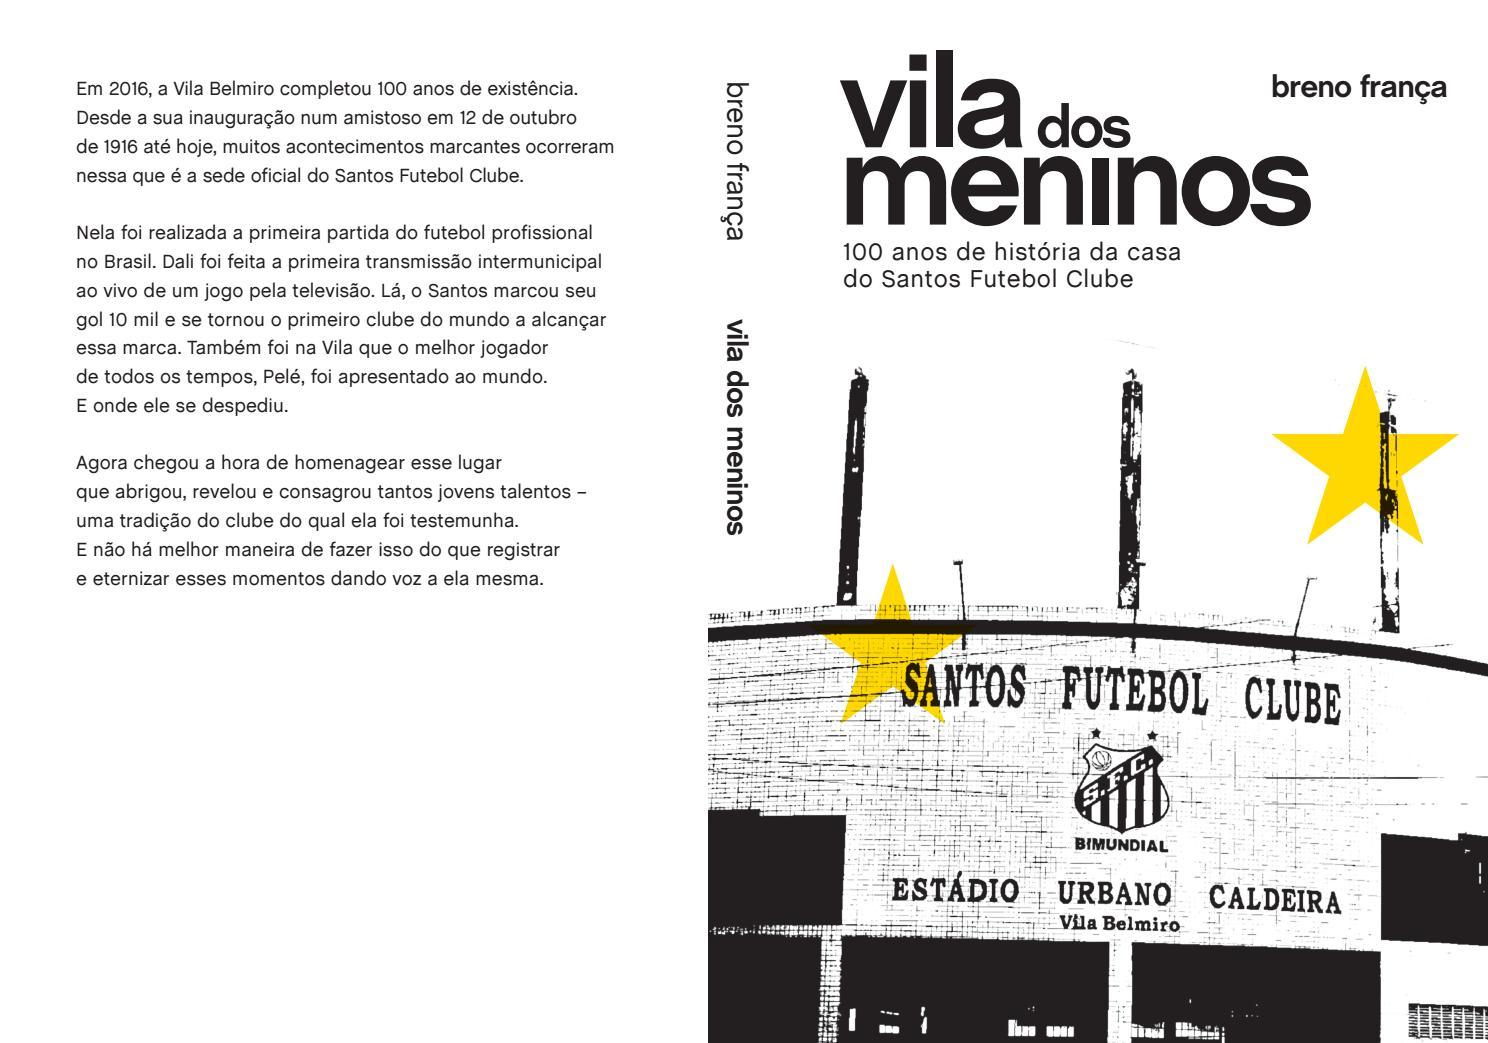 Vila dos Meninos  100 anos de história da casa do Santos Futebol Clube by  brenofranca - issuu b1b8169eea999